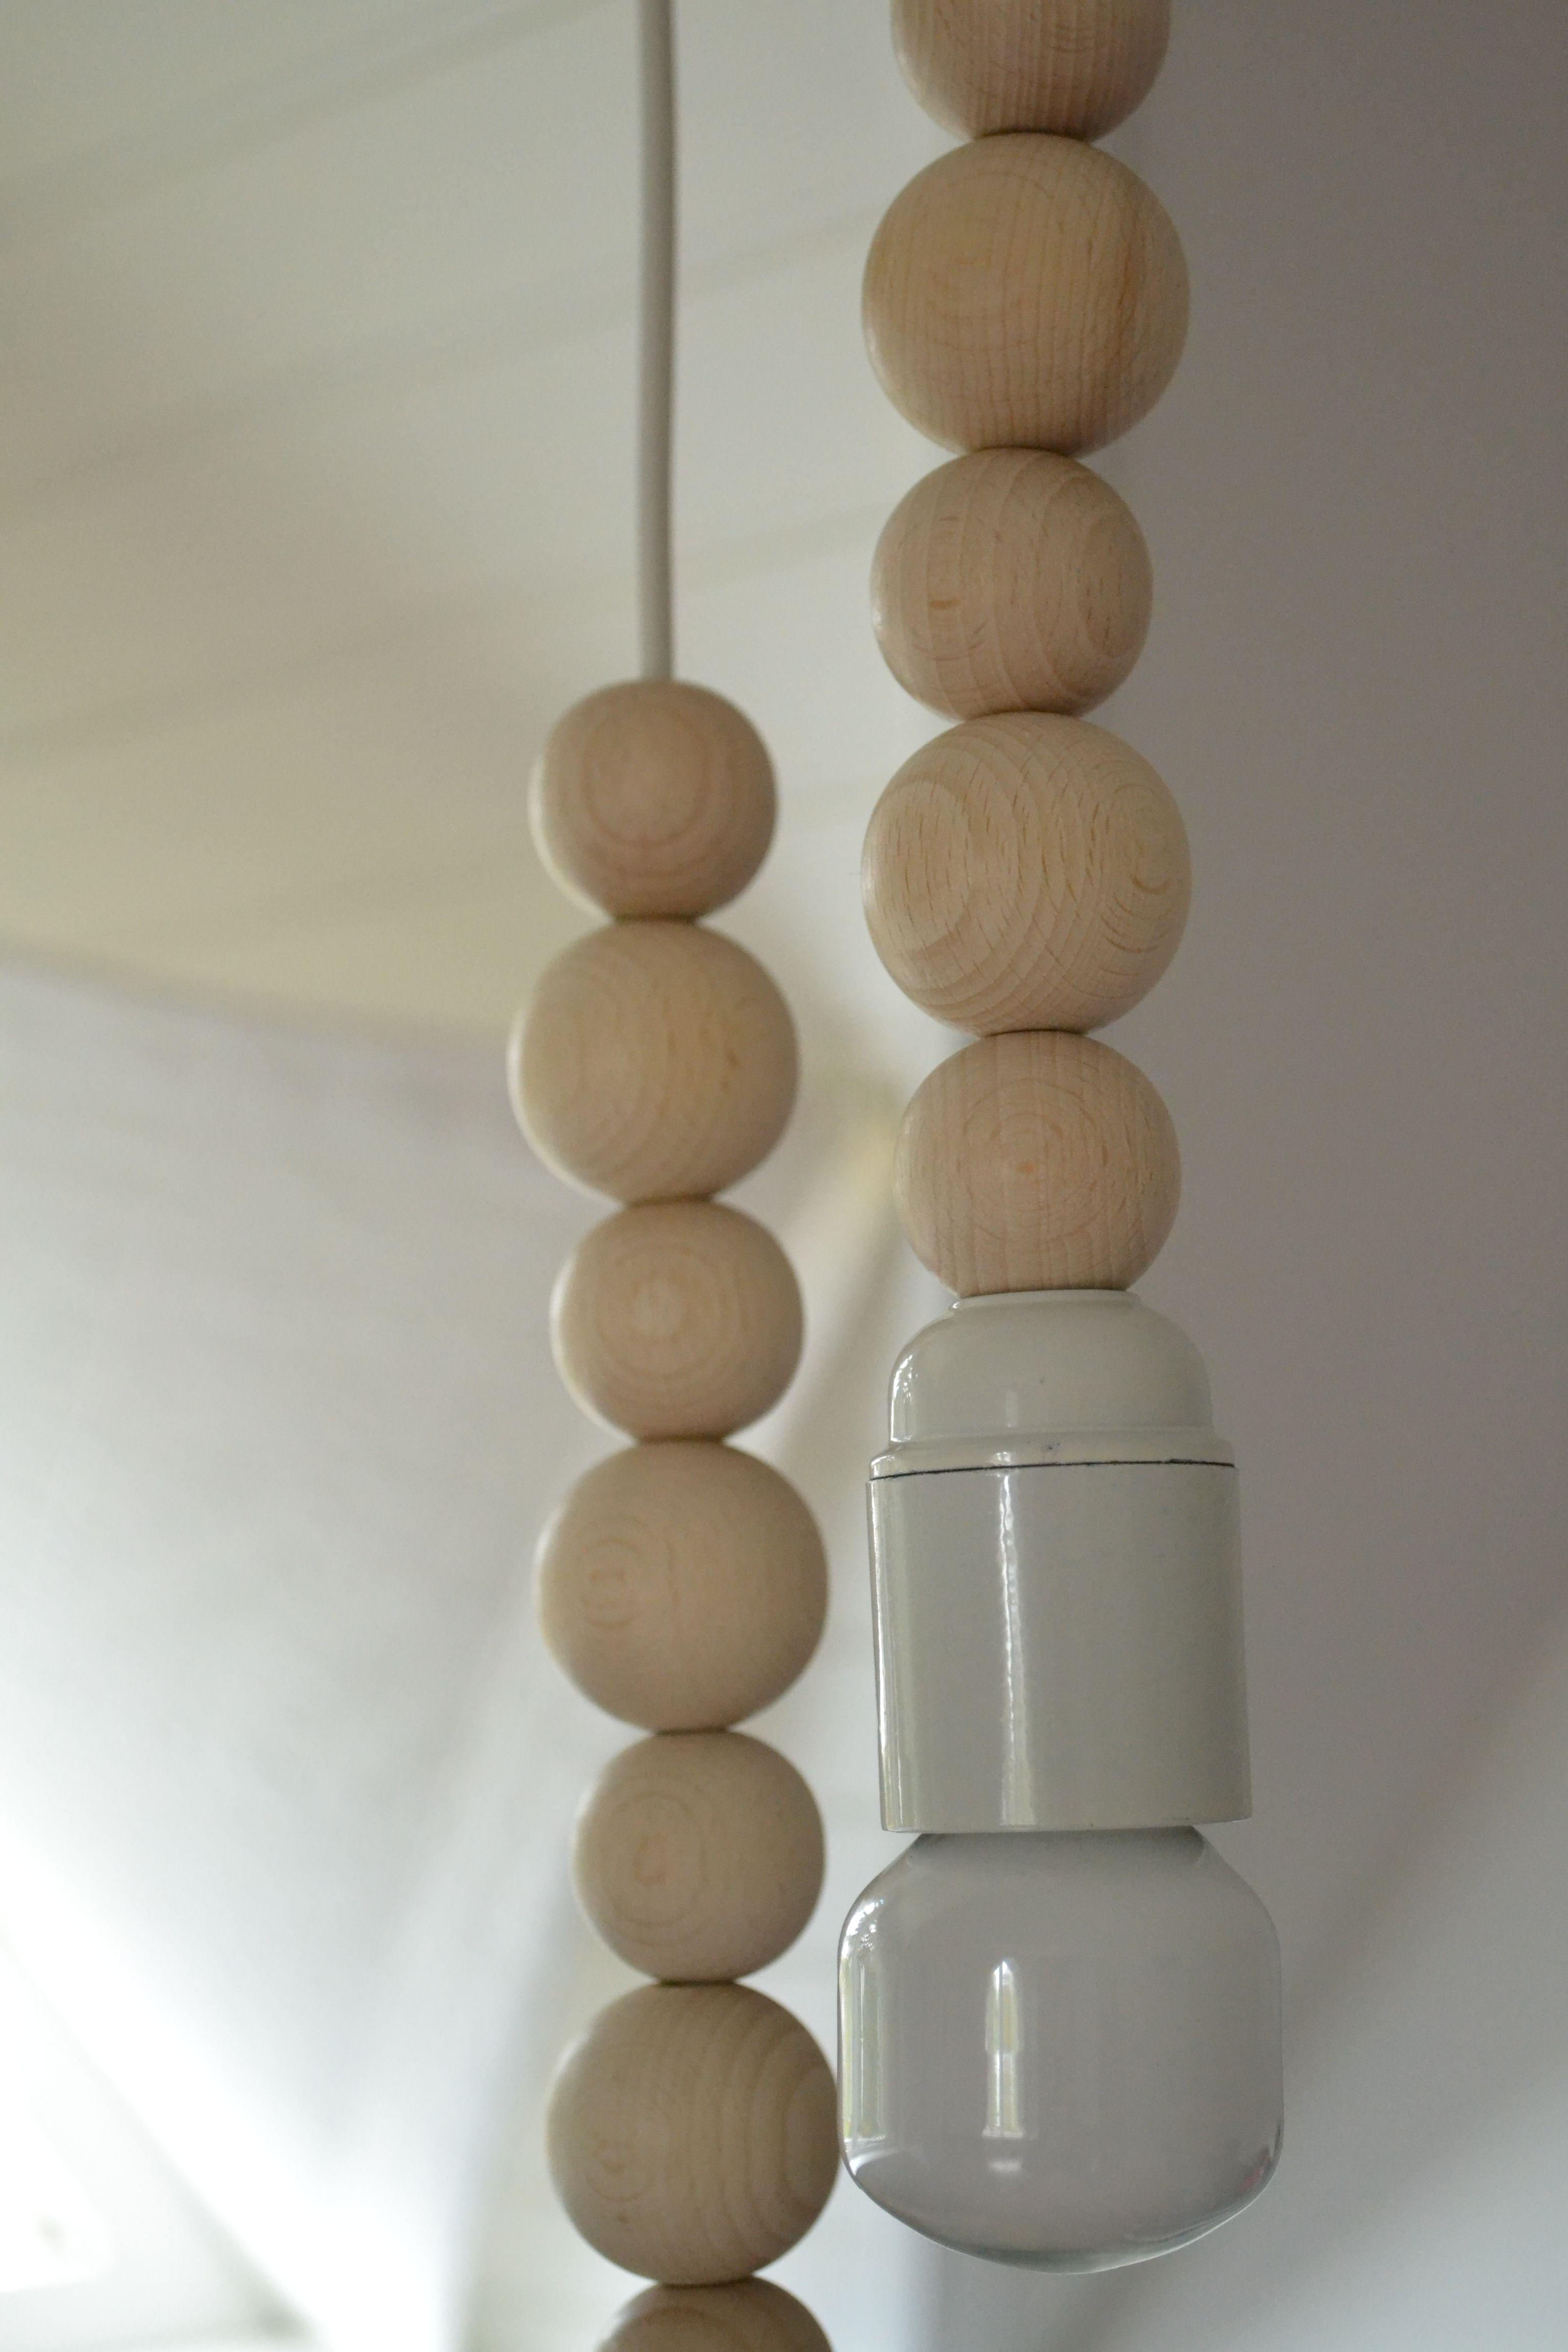 Handgemaakte lamp voorzien van zeven houten kralen - www.teleukhout.nl